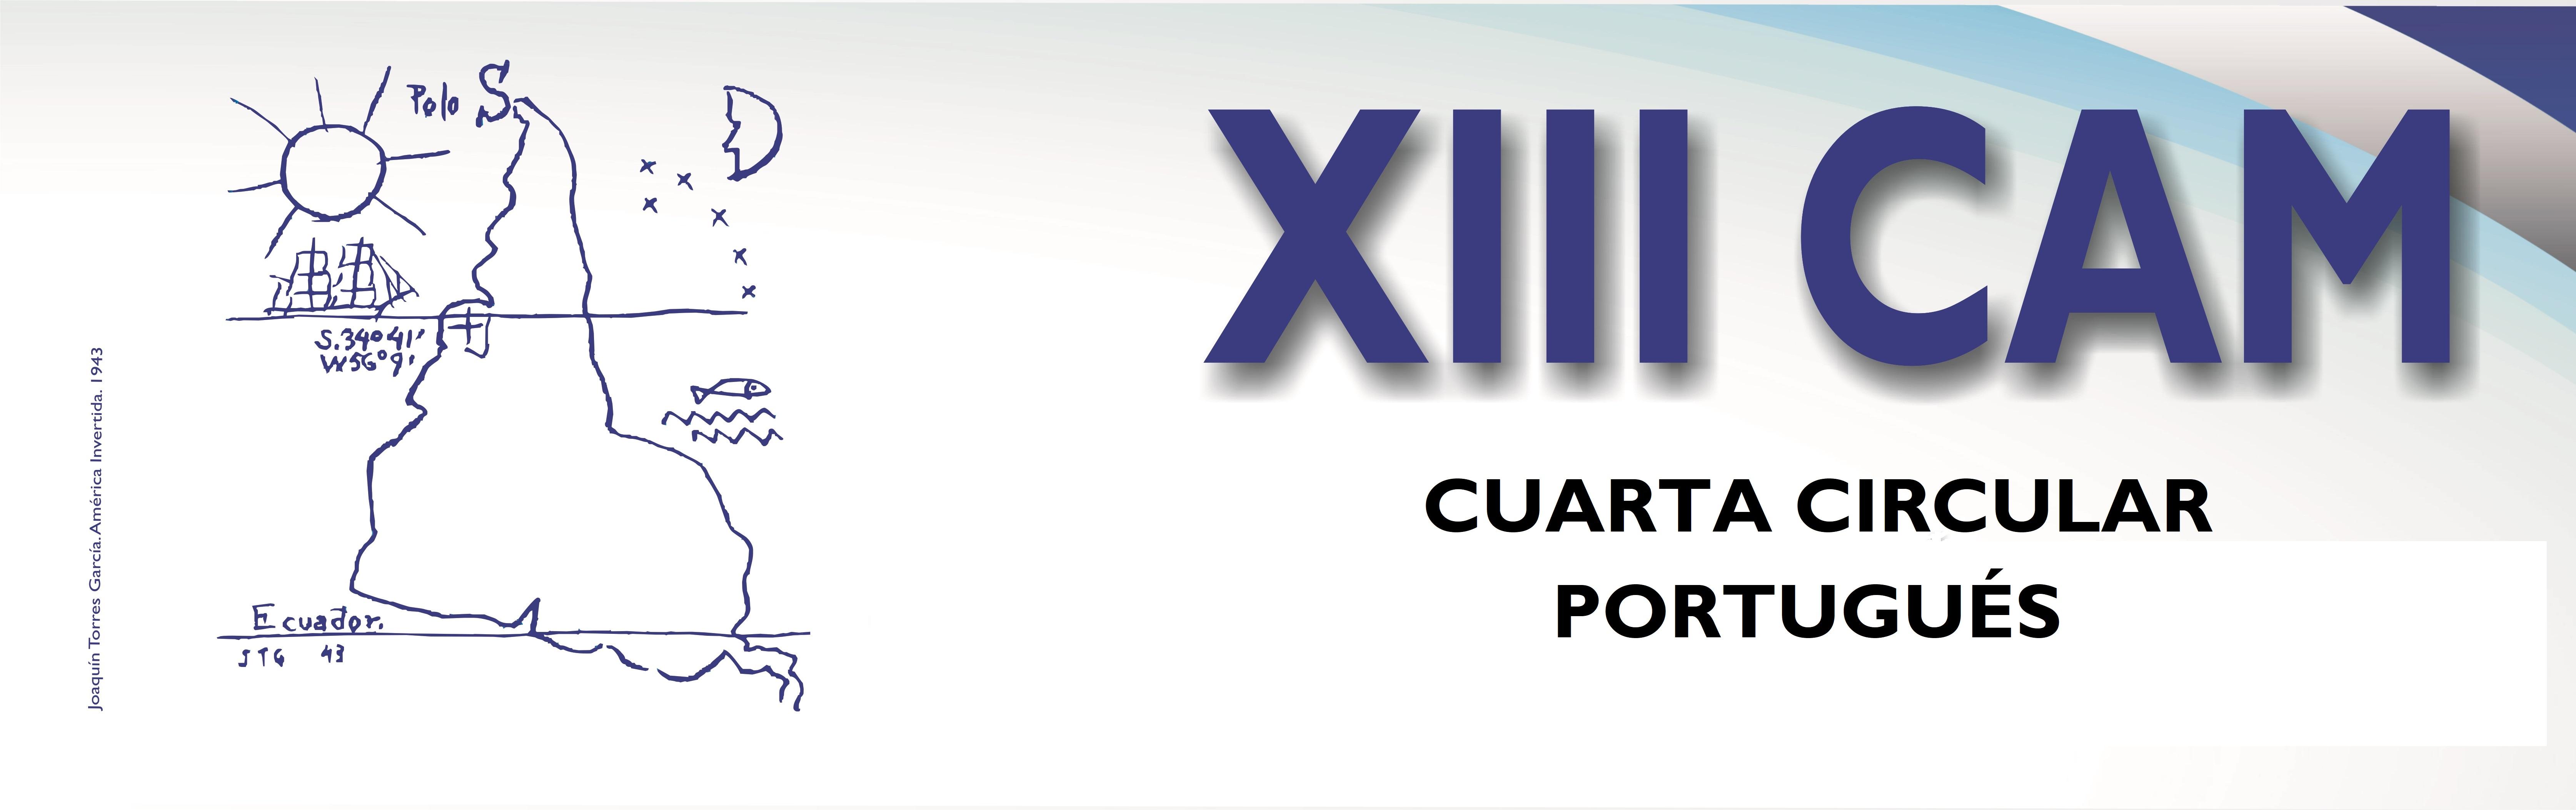 Cuarta circular - Portugués